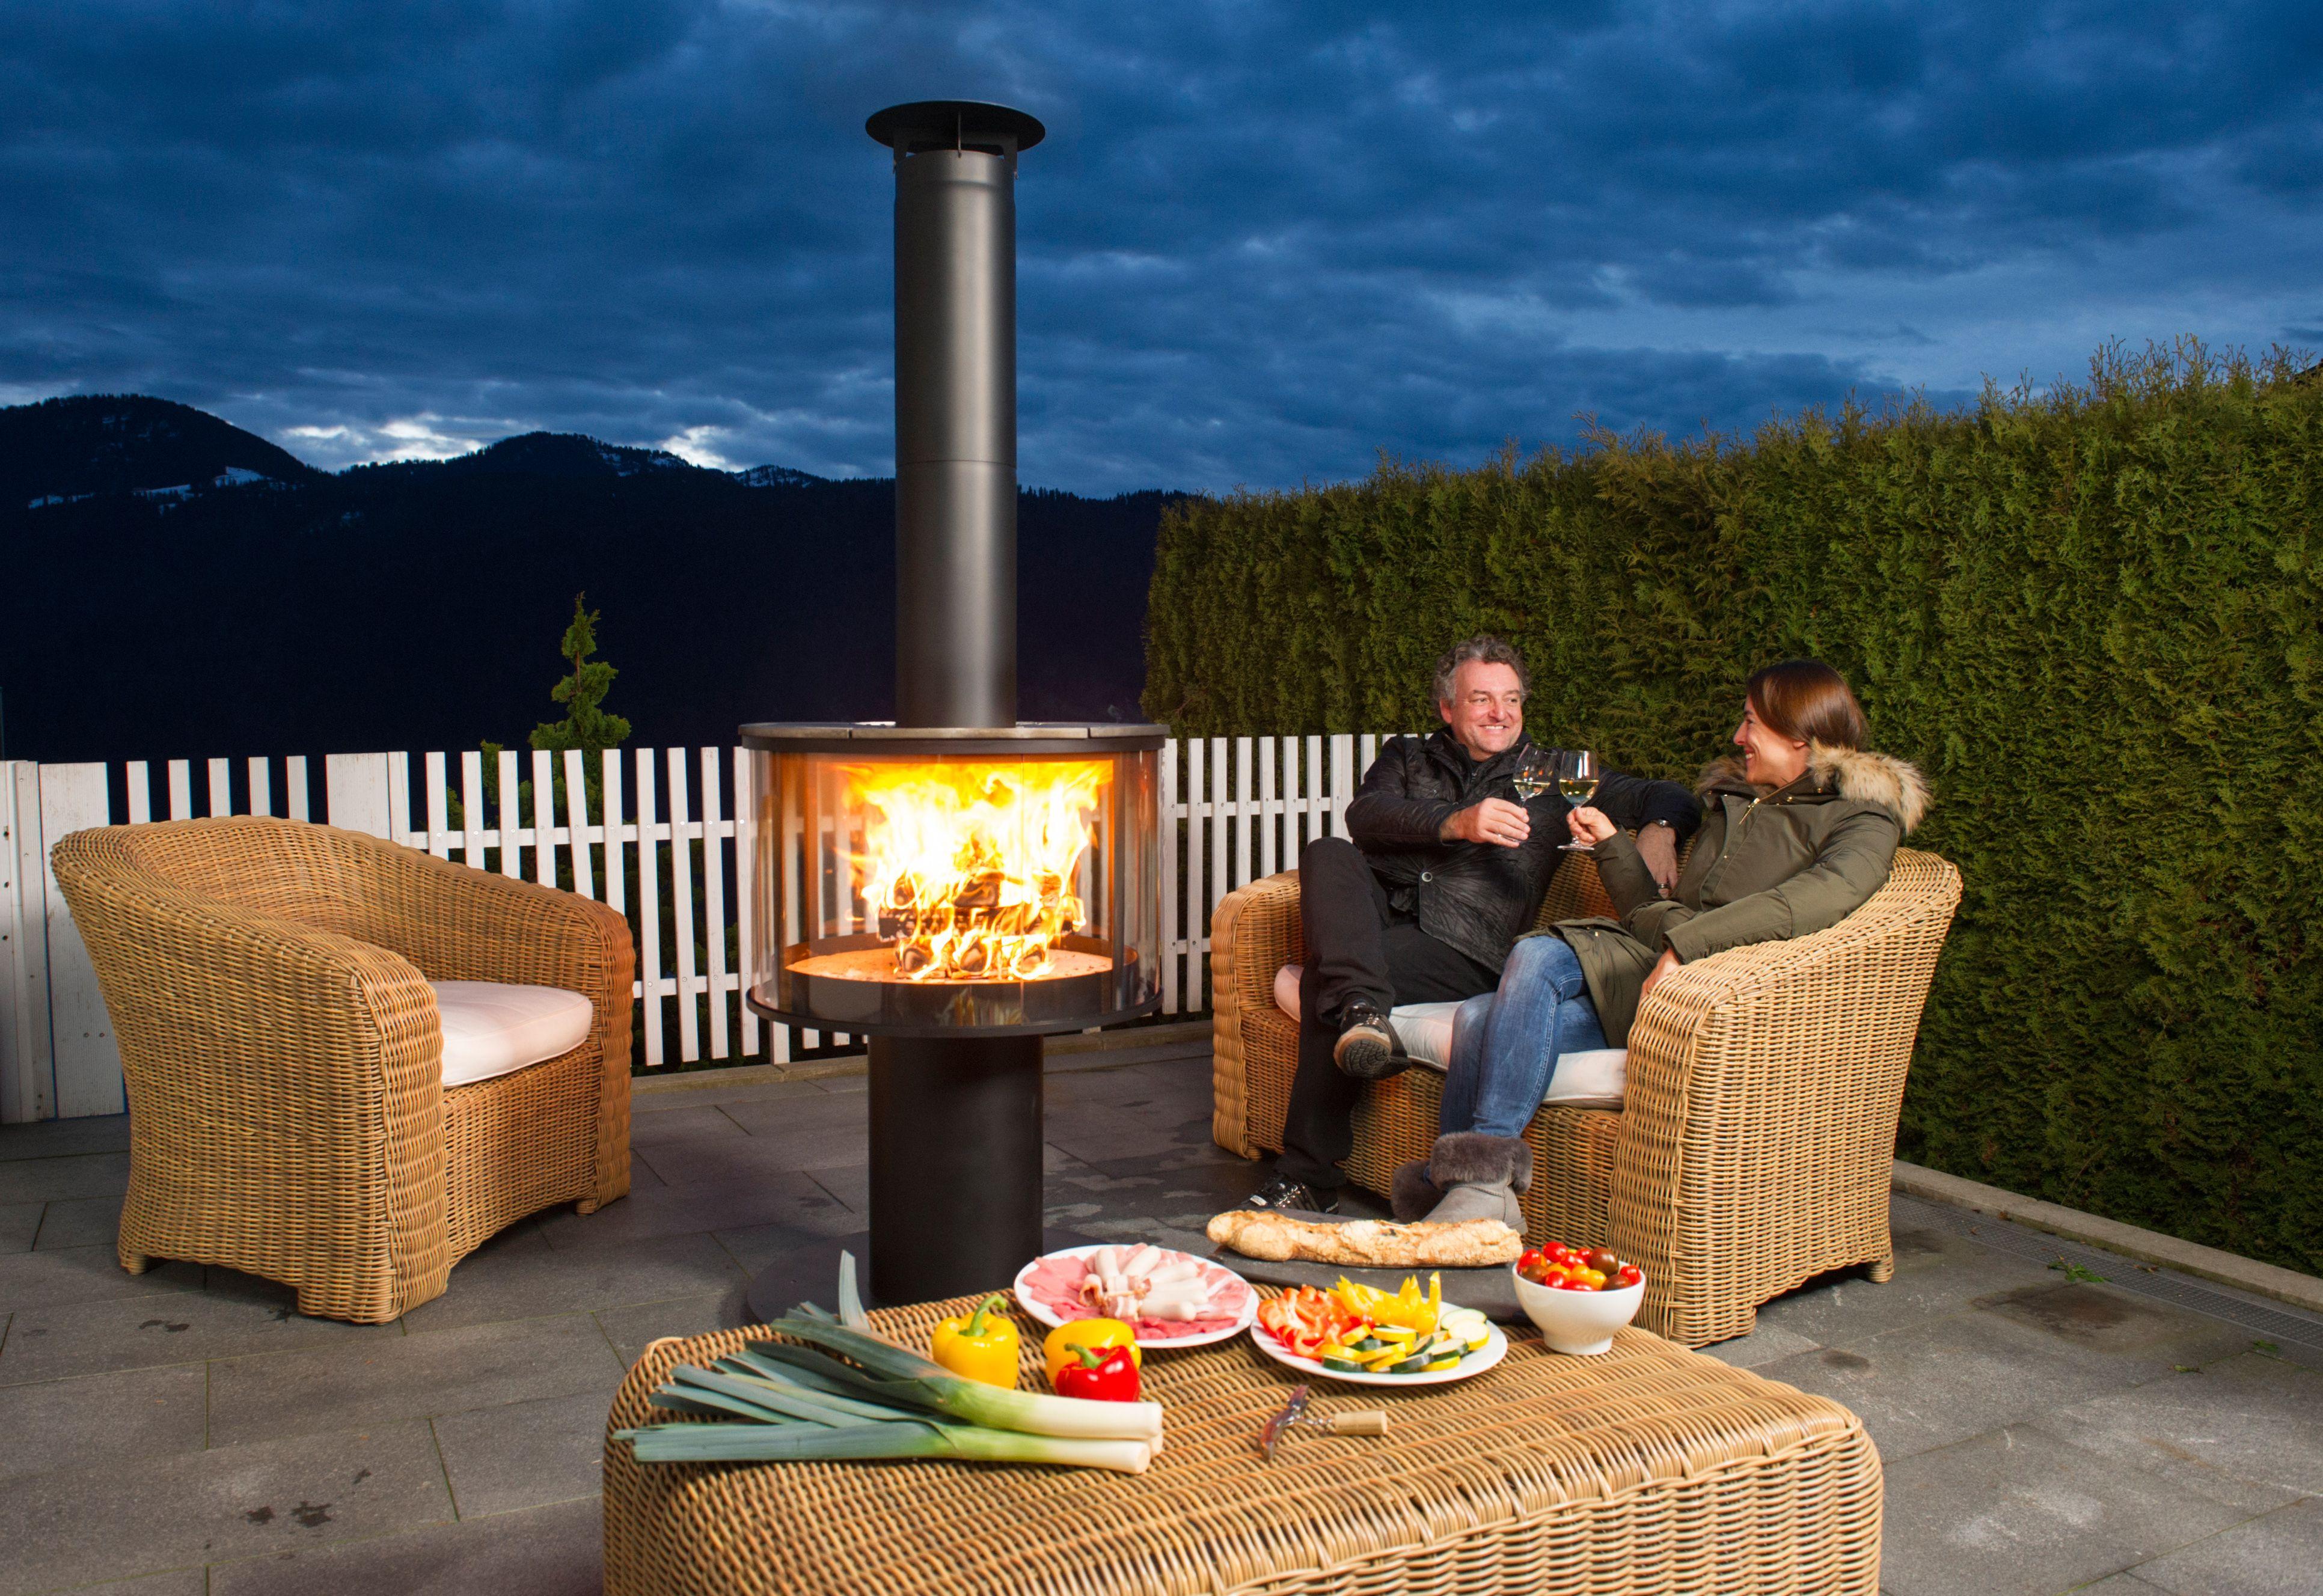 Eine Geschlossene Grillfeuerstelle Und Warmequelle Bei Der Die Sicht Auf Das Feuer Uneingeschrankt Ist Der Rueg Feuerstelle Garten Feuerstelle Outdoor Kocher